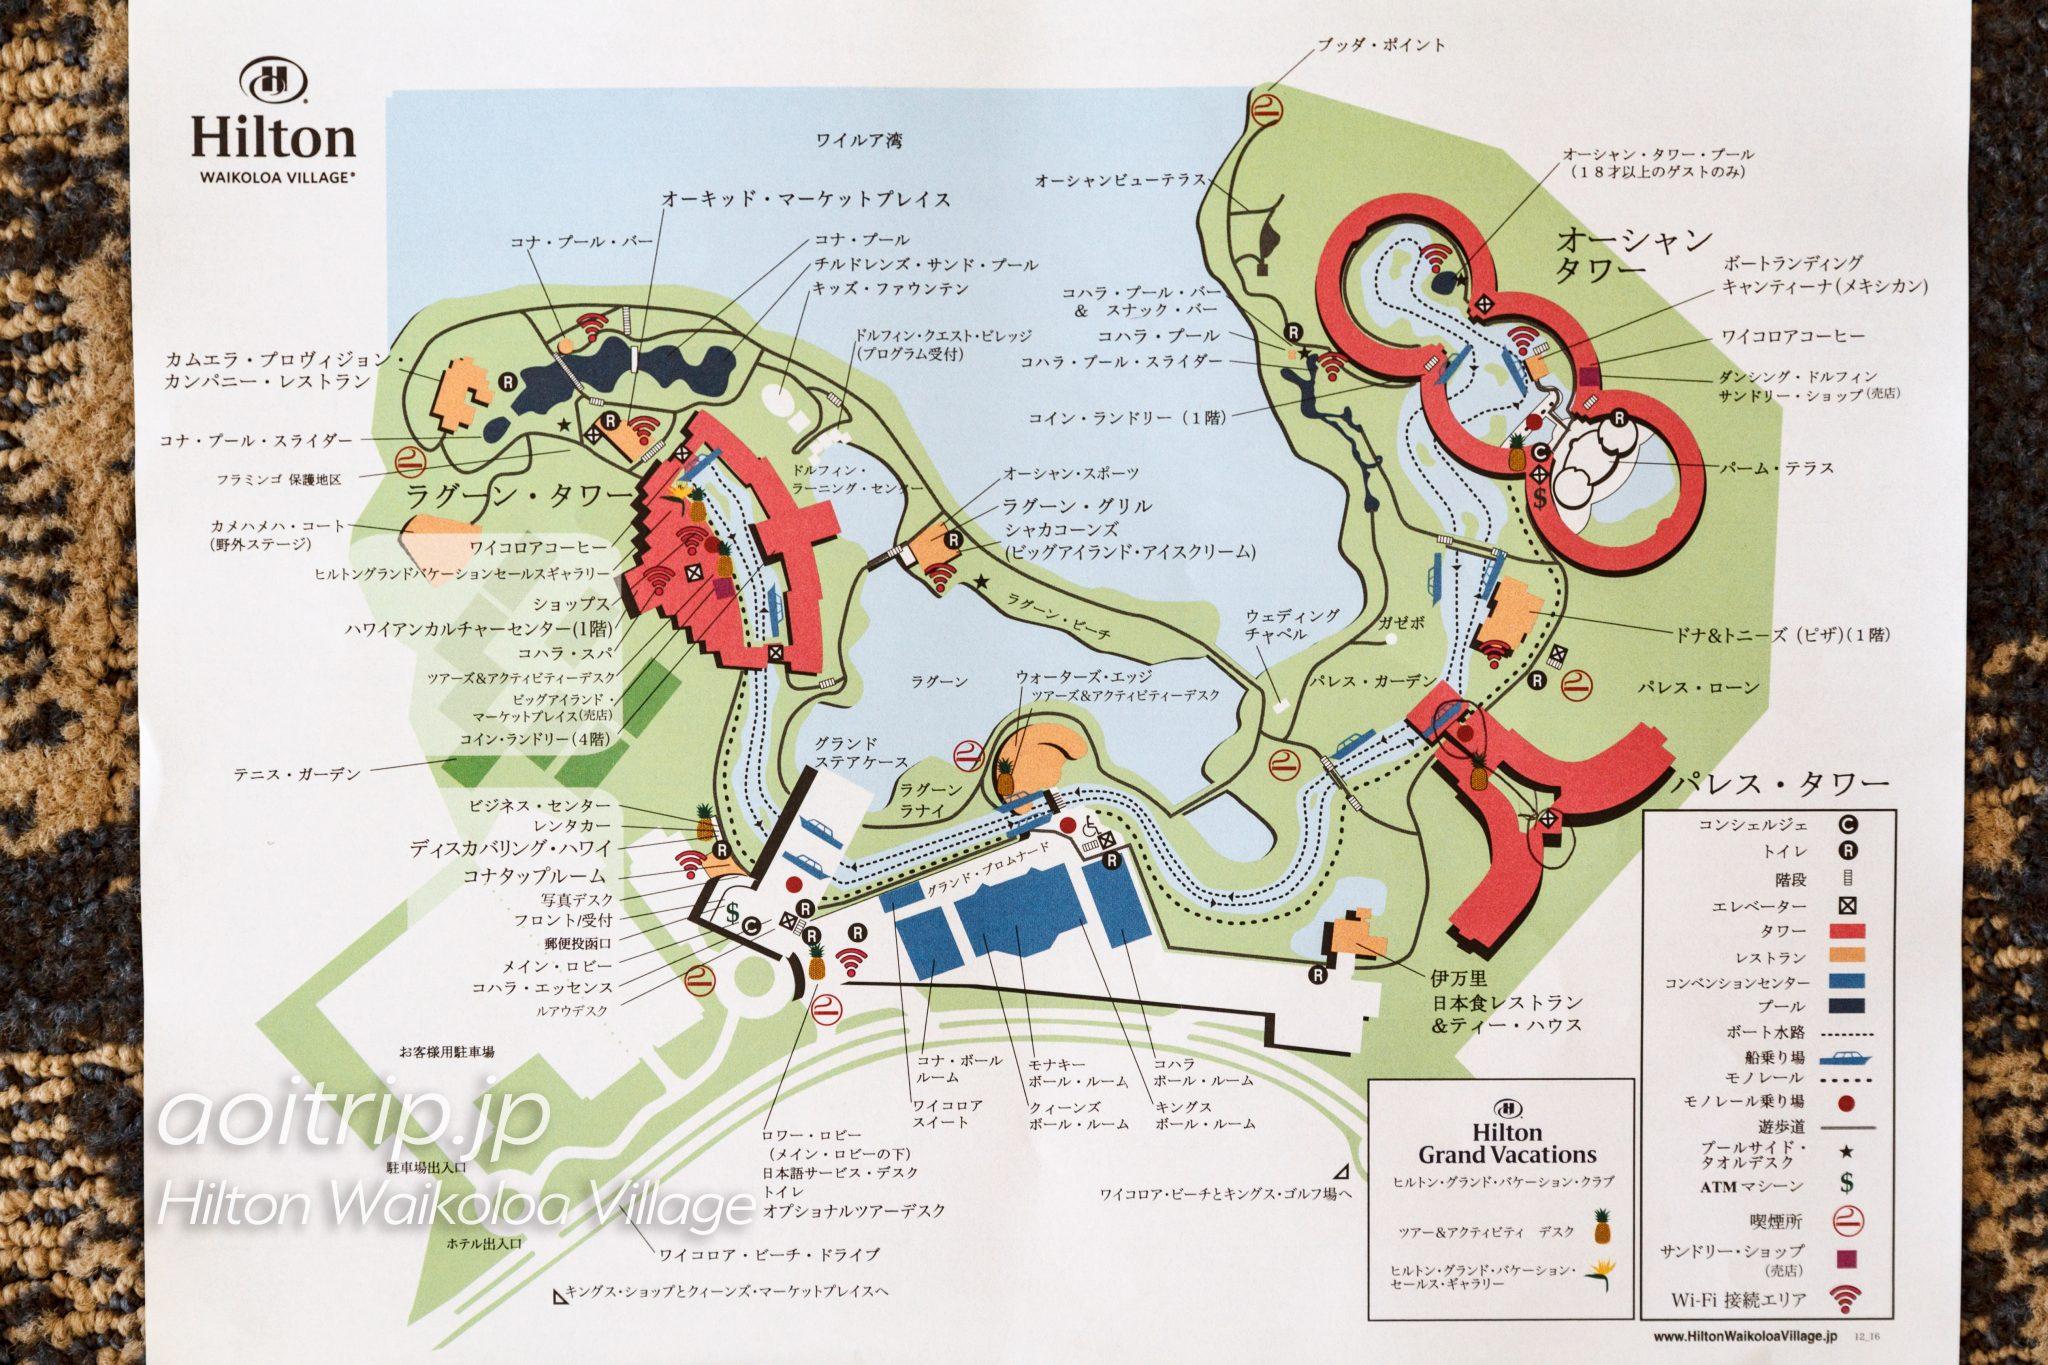 ヒルトンワイコロアビレッジ ホテルマップ